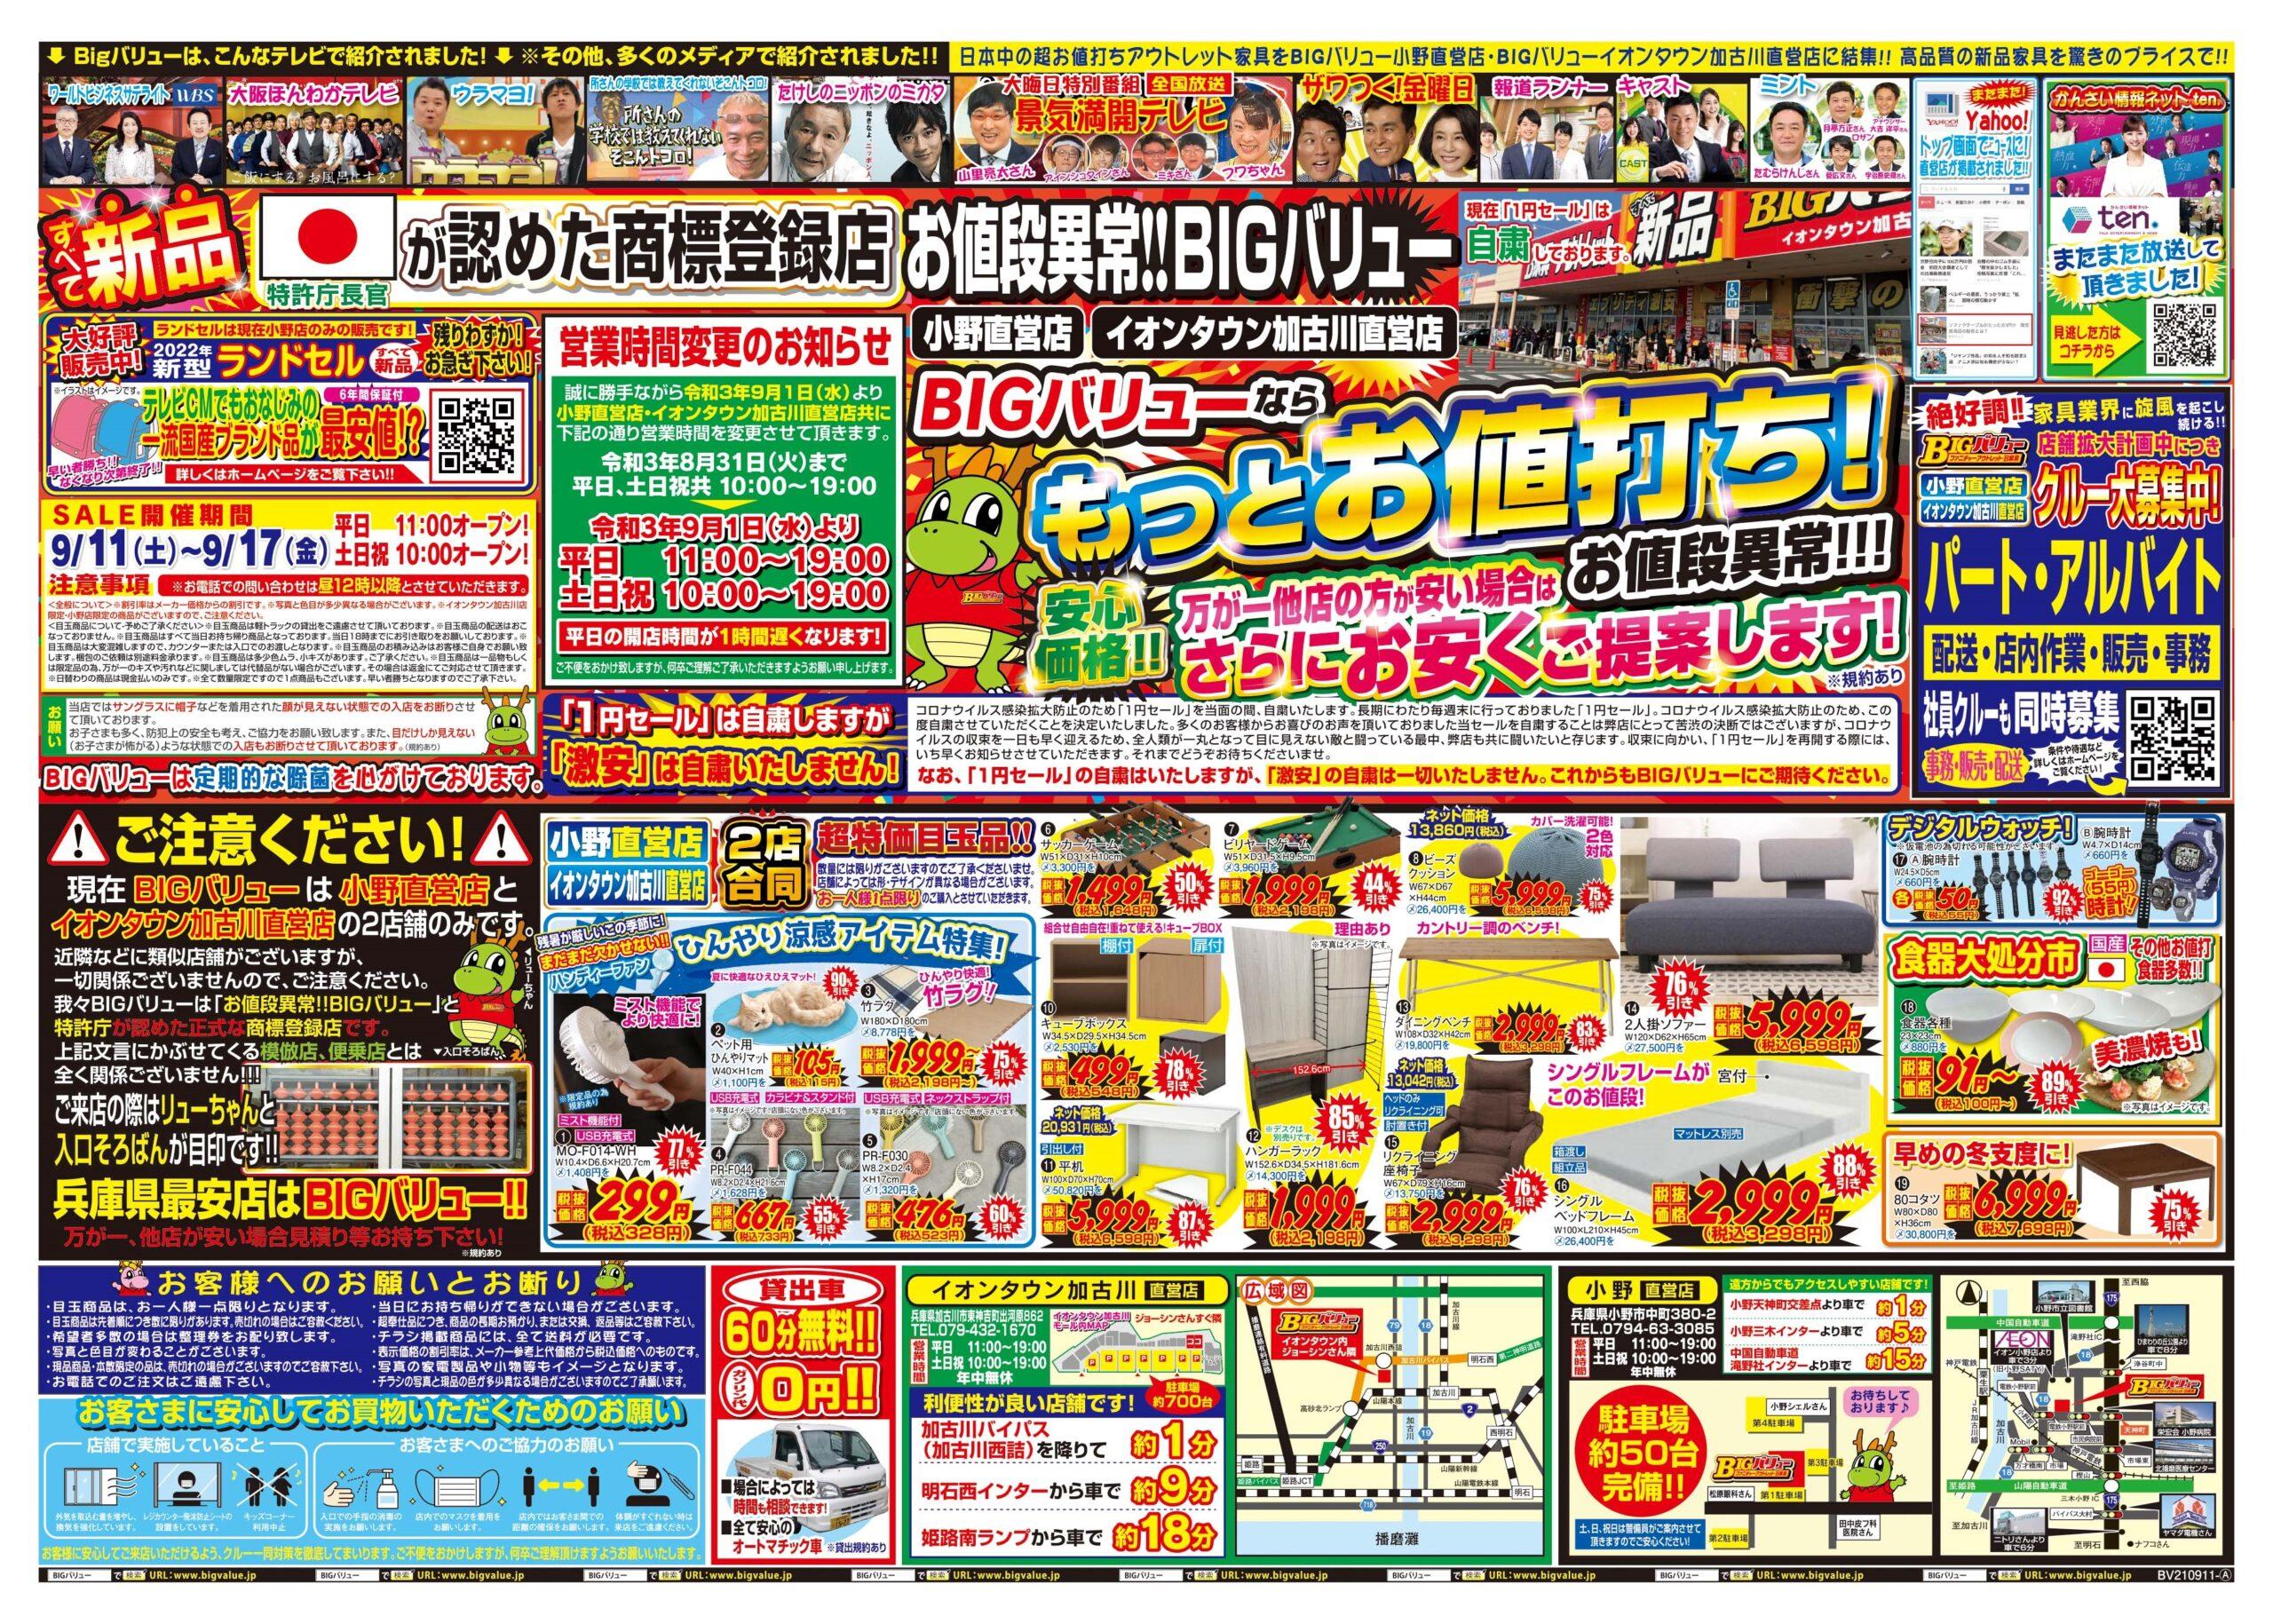 チラシ情報2021年9月11日~9月17日 小野店/イオンタウン加古川店